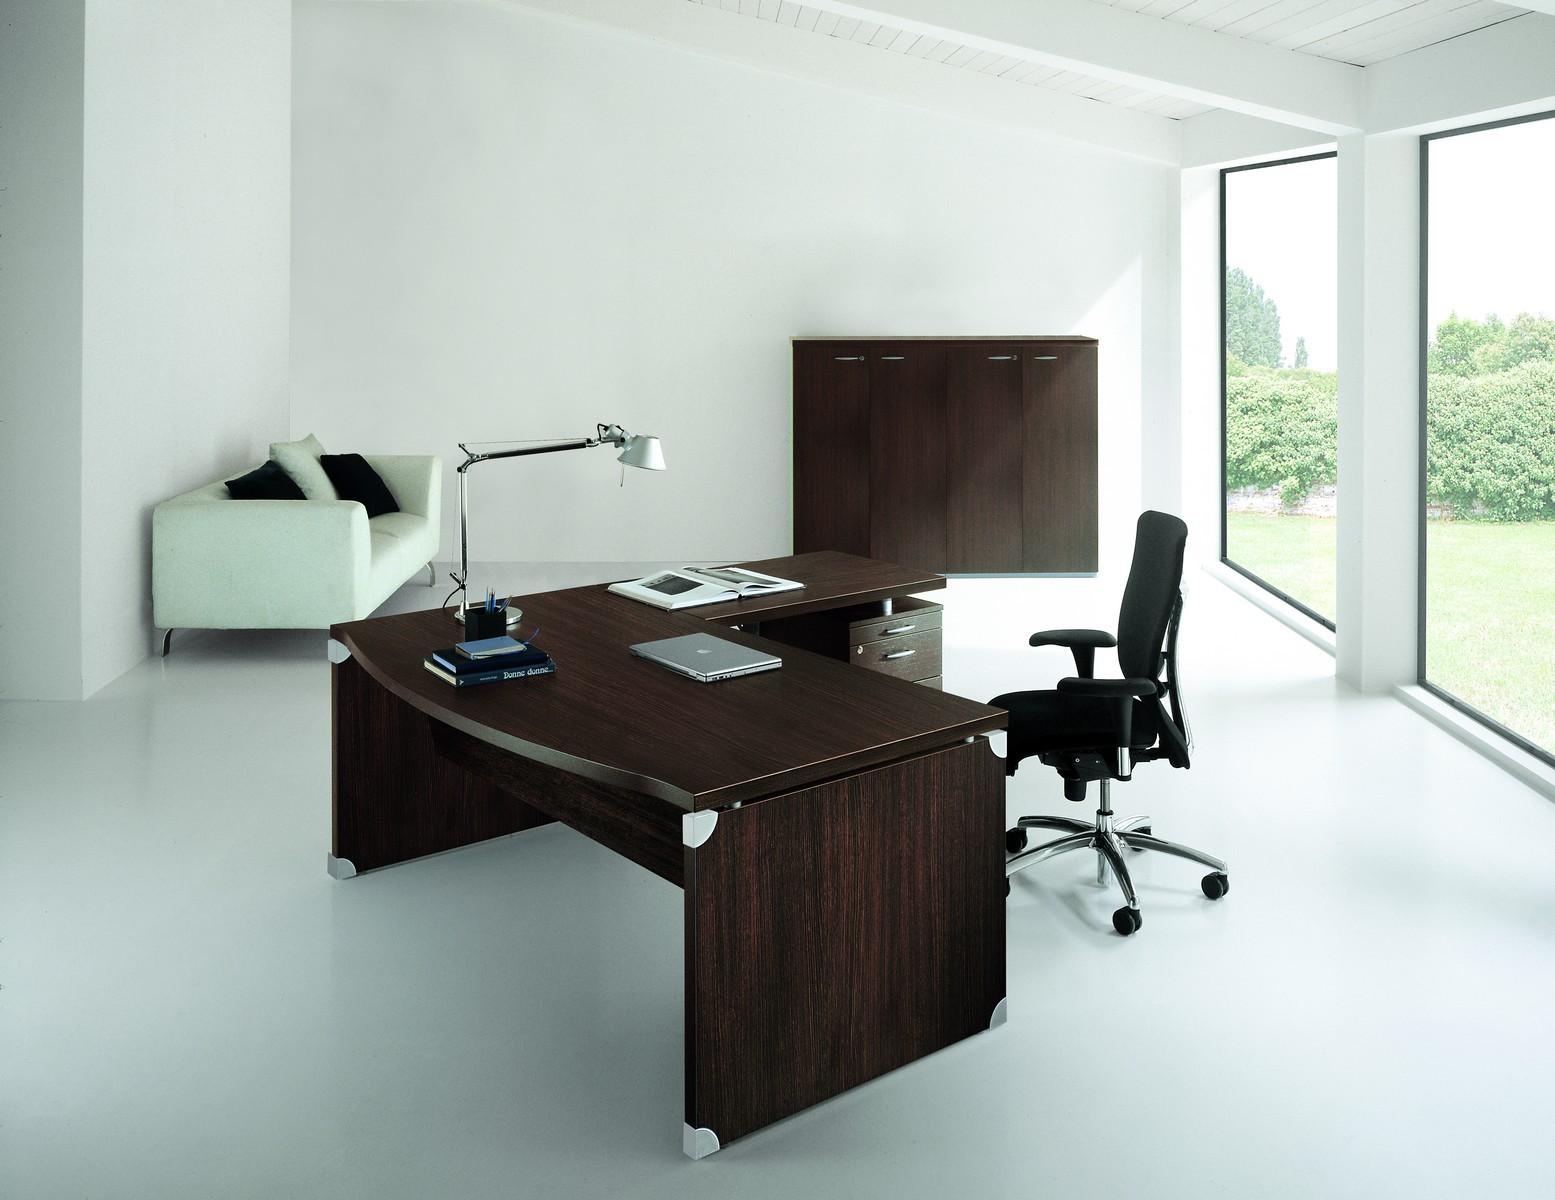 bureau tal s avec retour sur caisson achat bureaux de. Black Bedroom Furniture Sets. Home Design Ideas